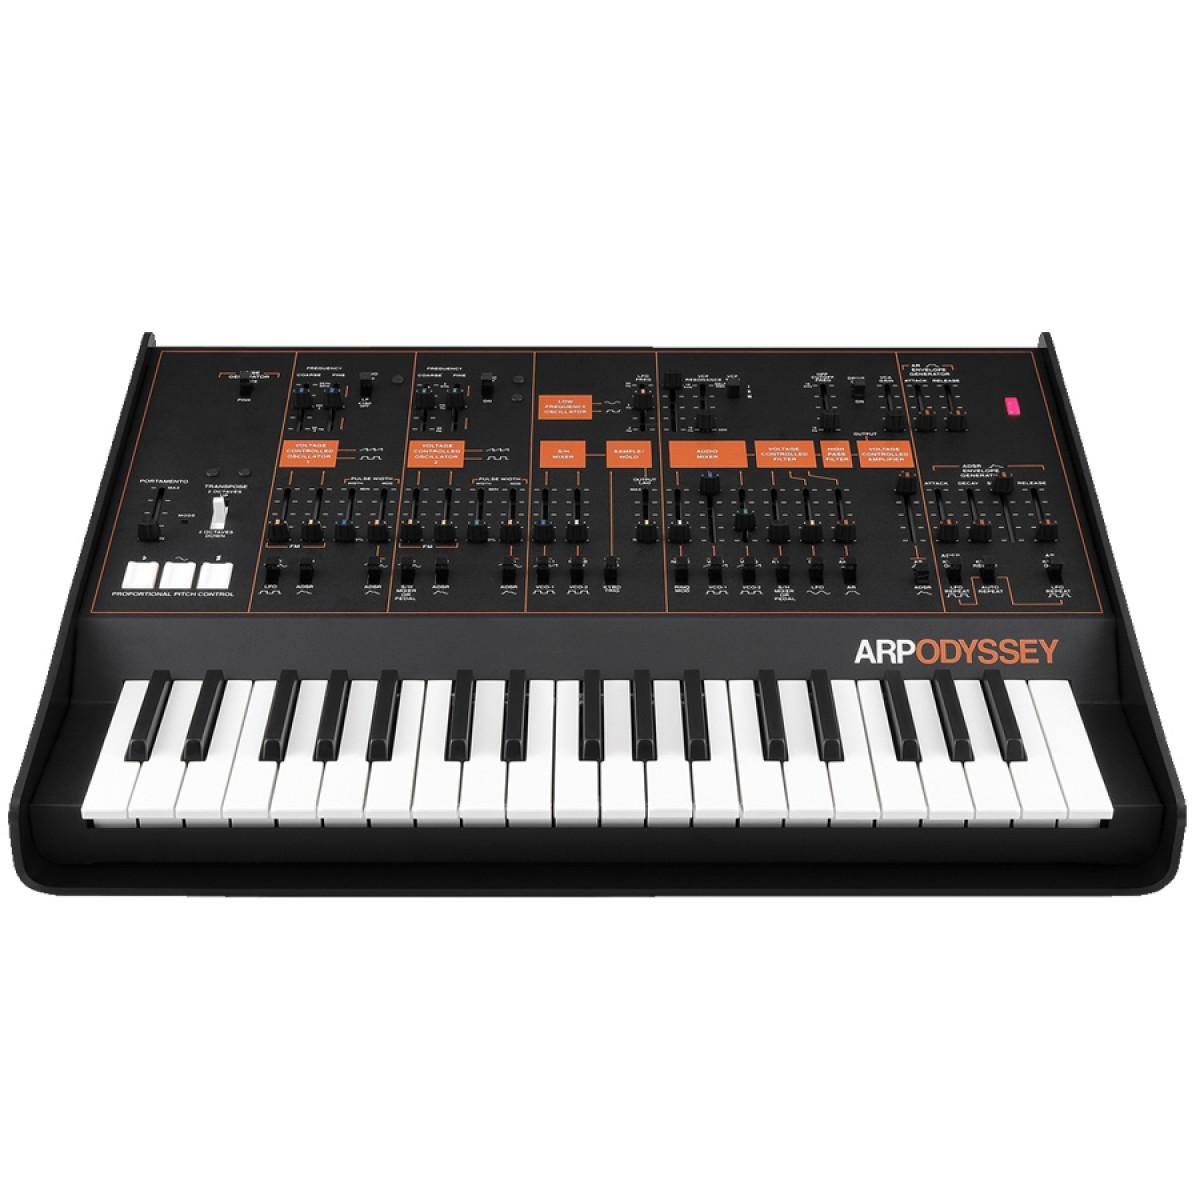 Korg ARP Odyssey Analog Synthesizer 37-note keyboard